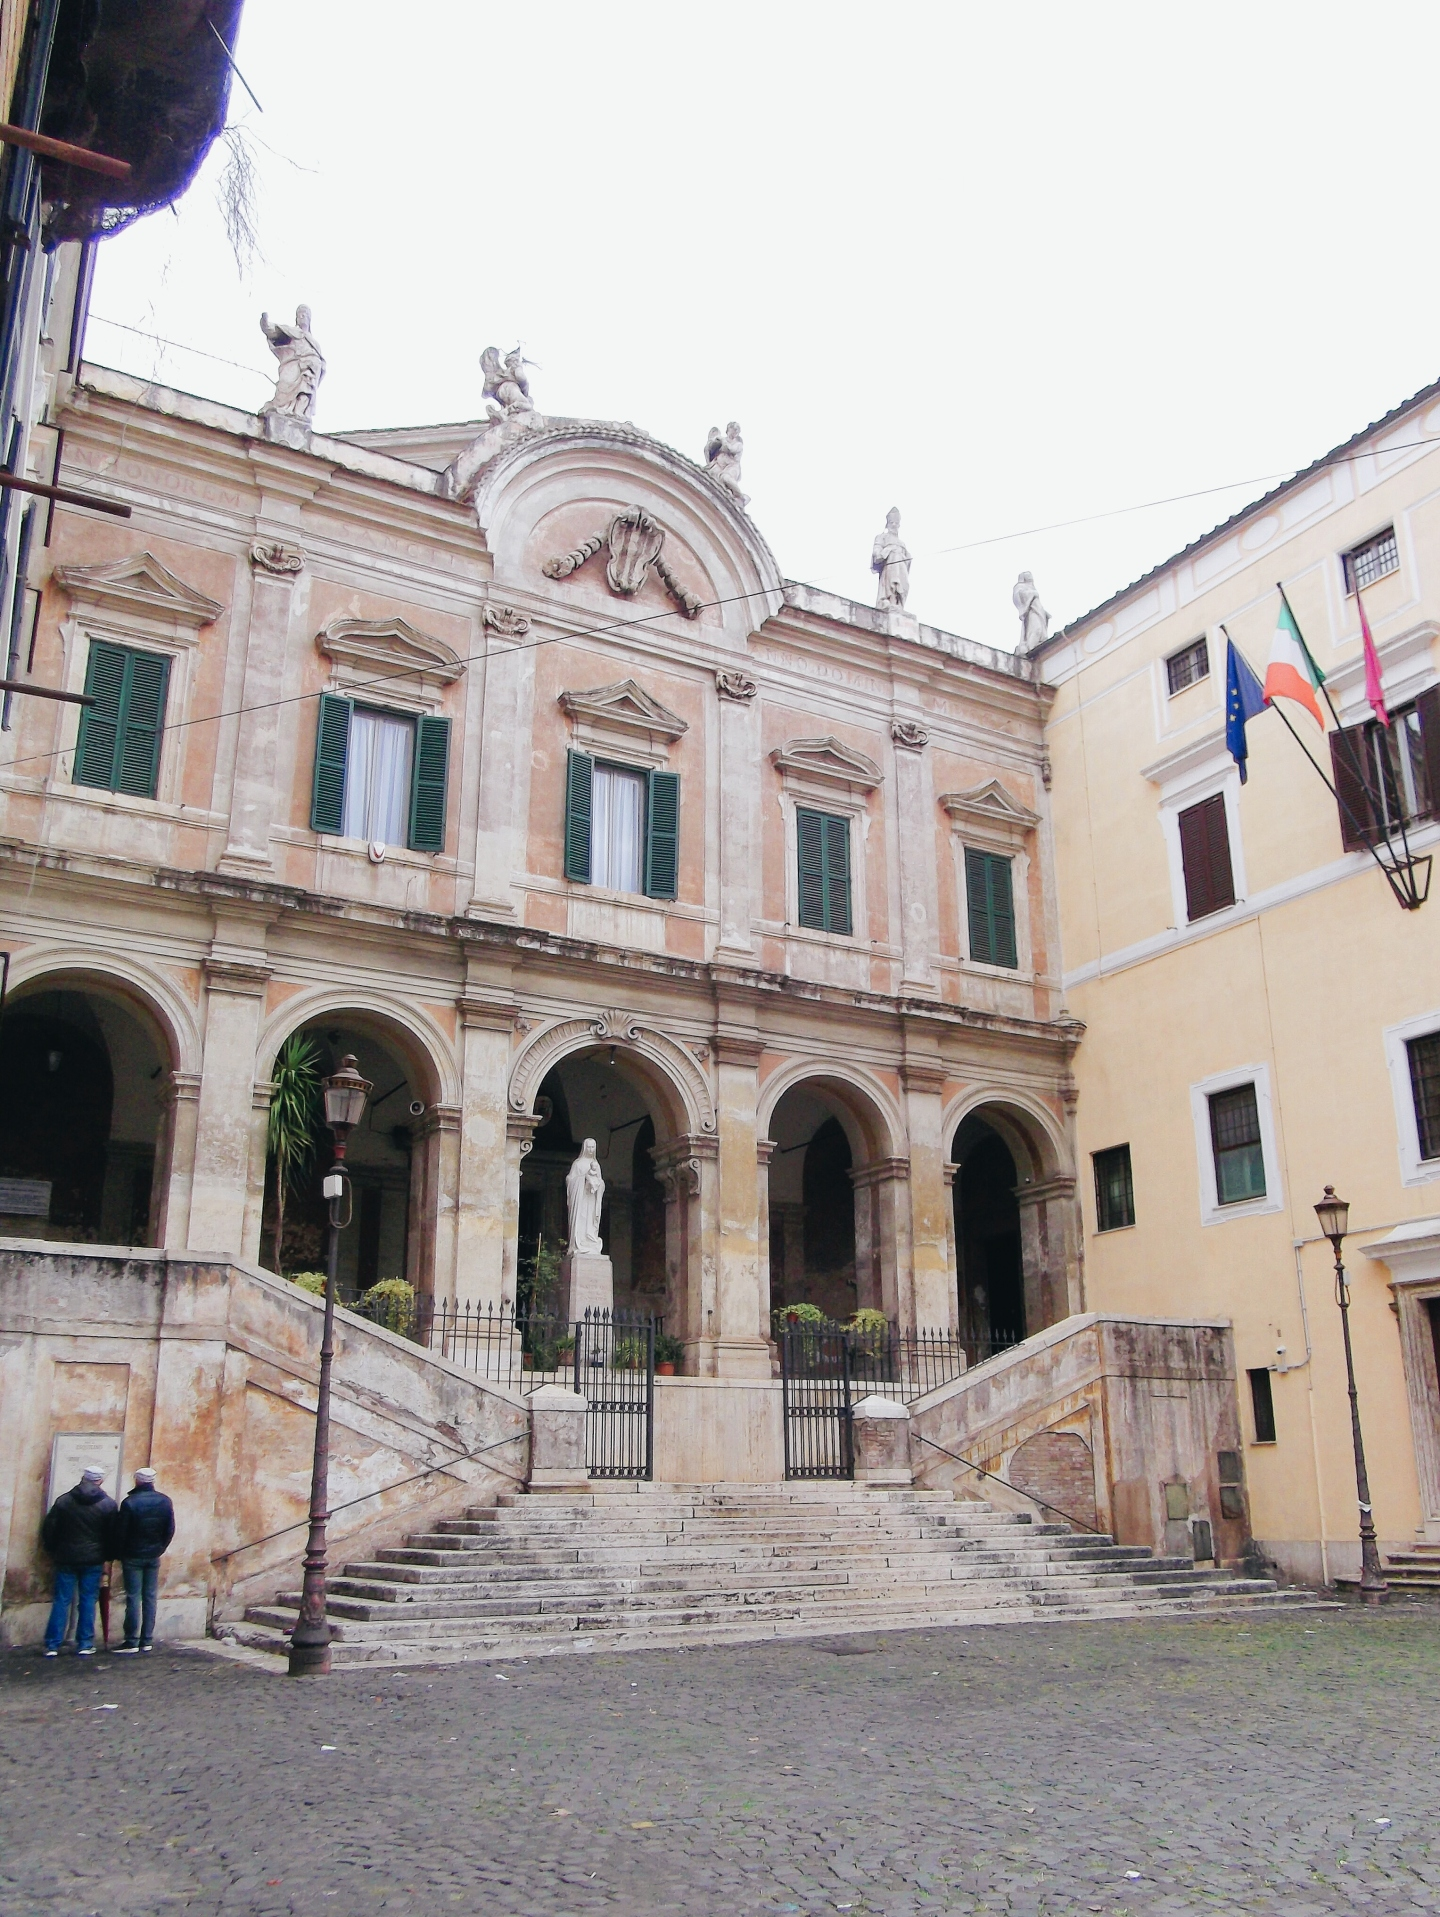 Parrocchia Sant'Eusebio all'Esquilino Facade Colour